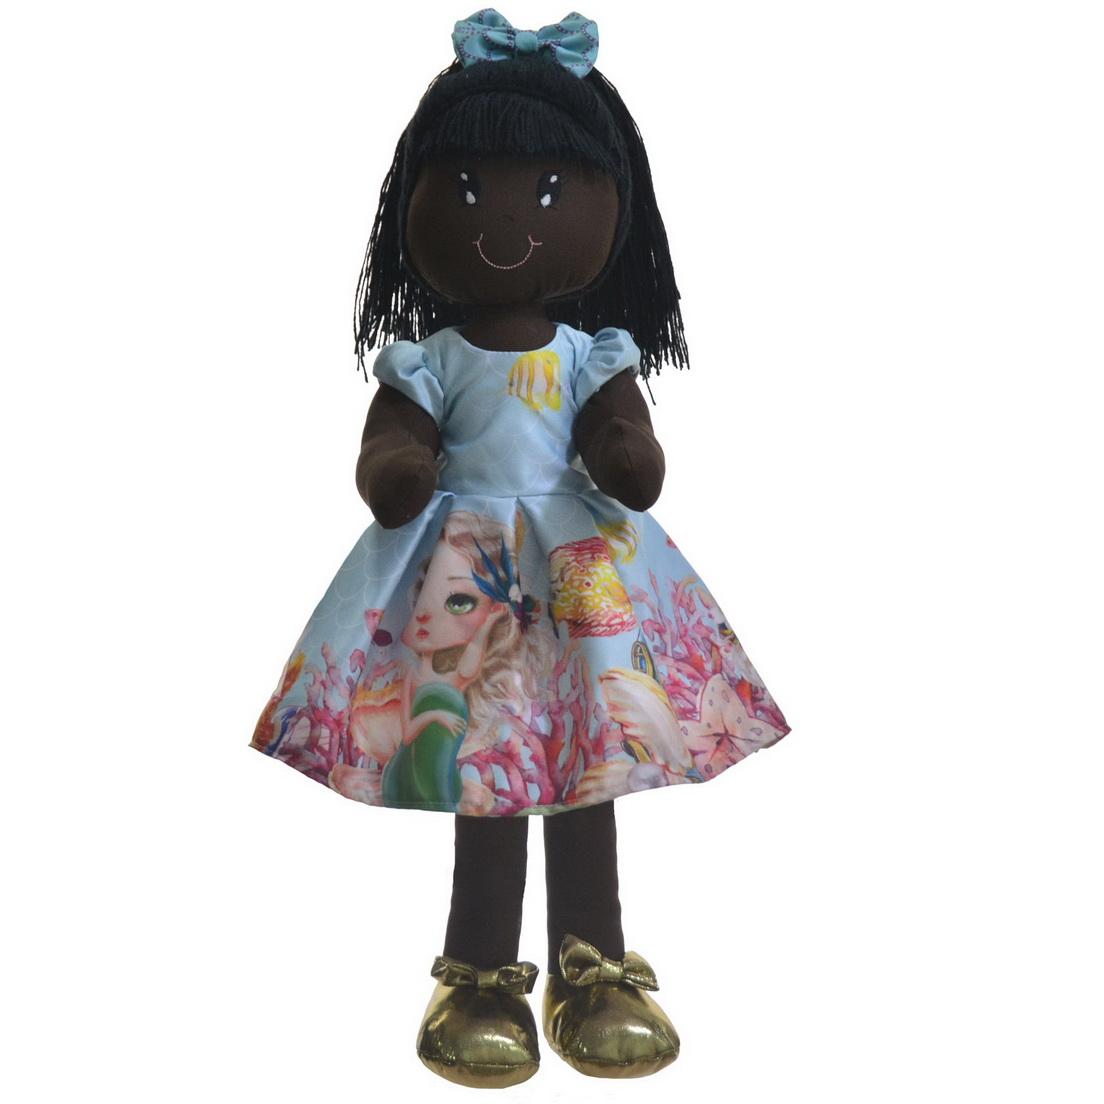 Boneca de Pano Nina com Roupa tema Sereia - Negra